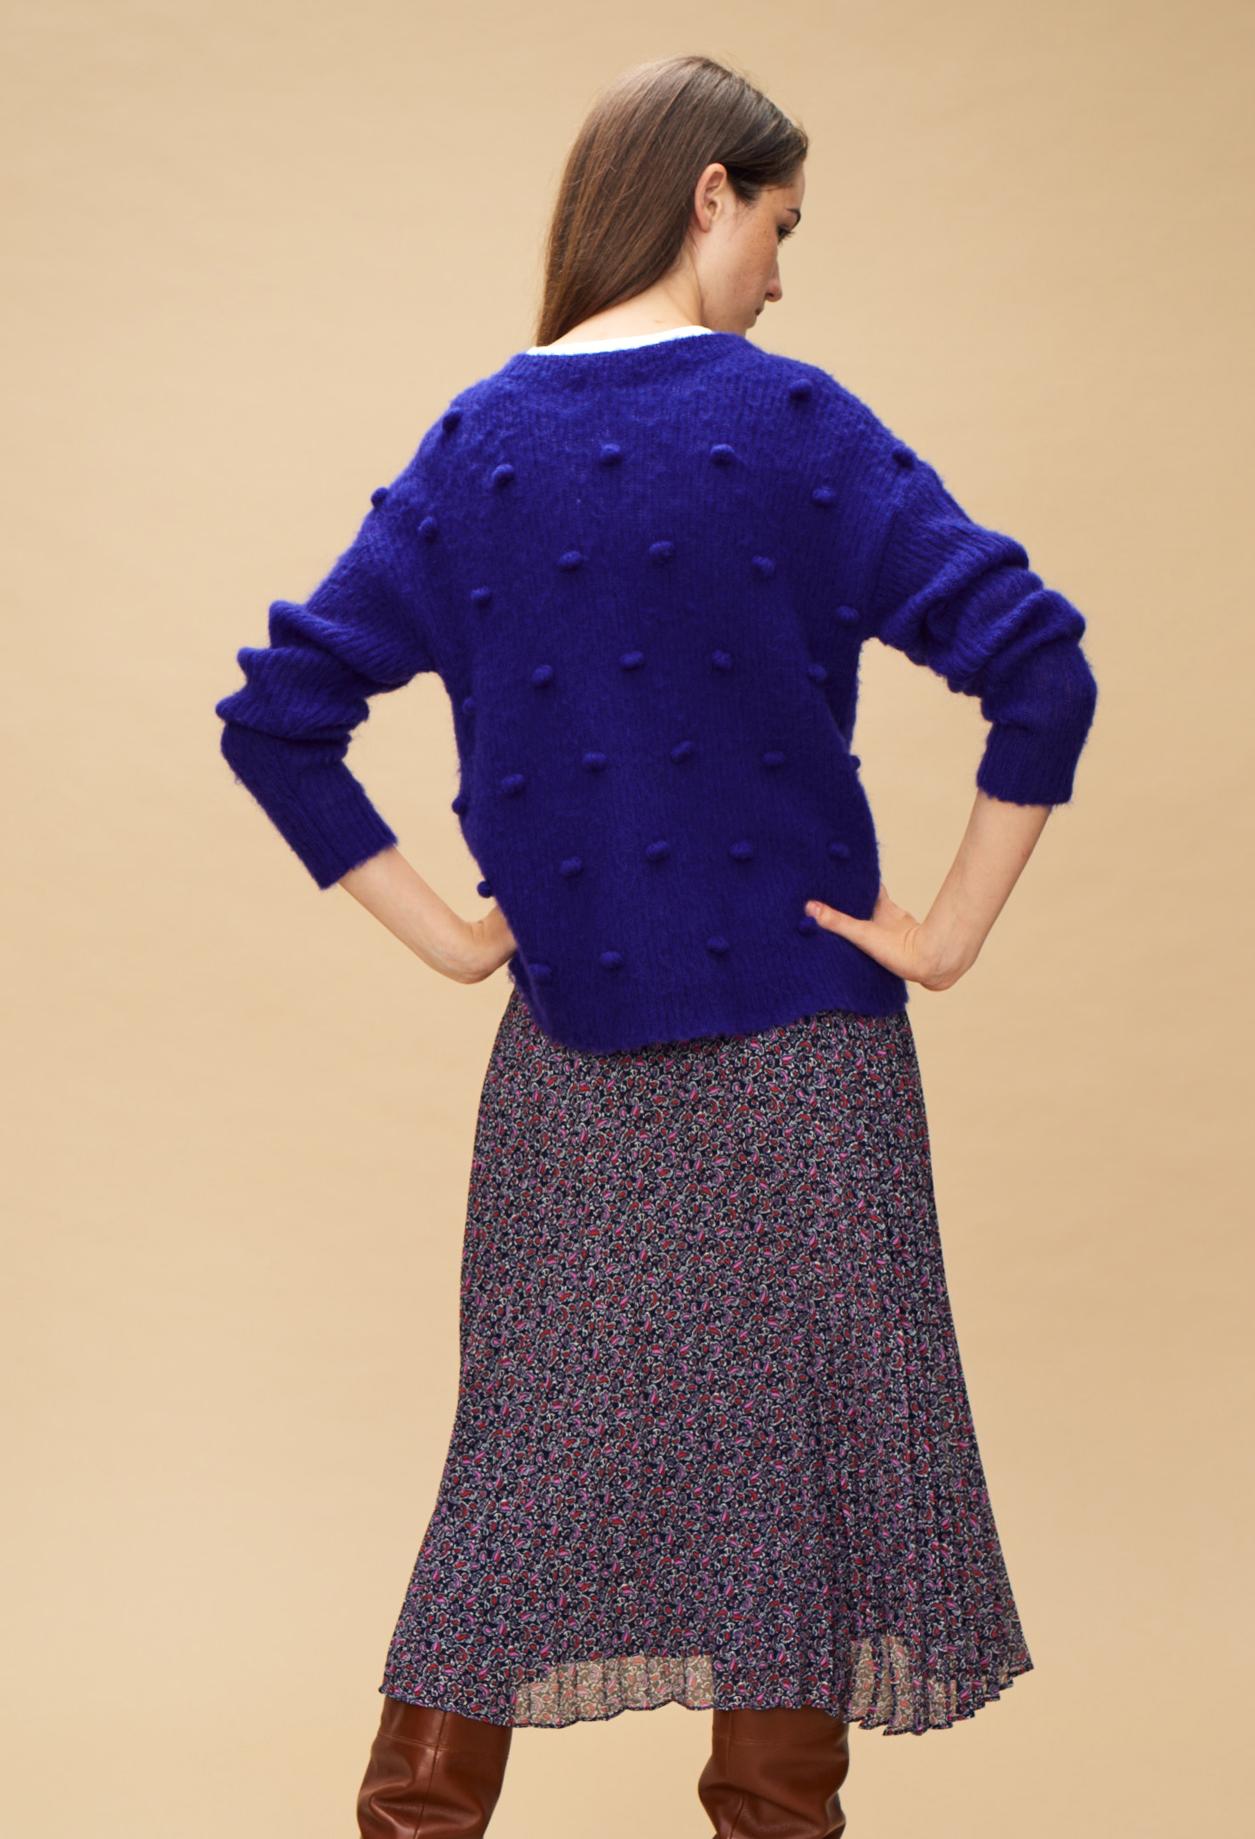 Couleur Sweatshirts amp; Maille Mydots Violet qwTRBWt